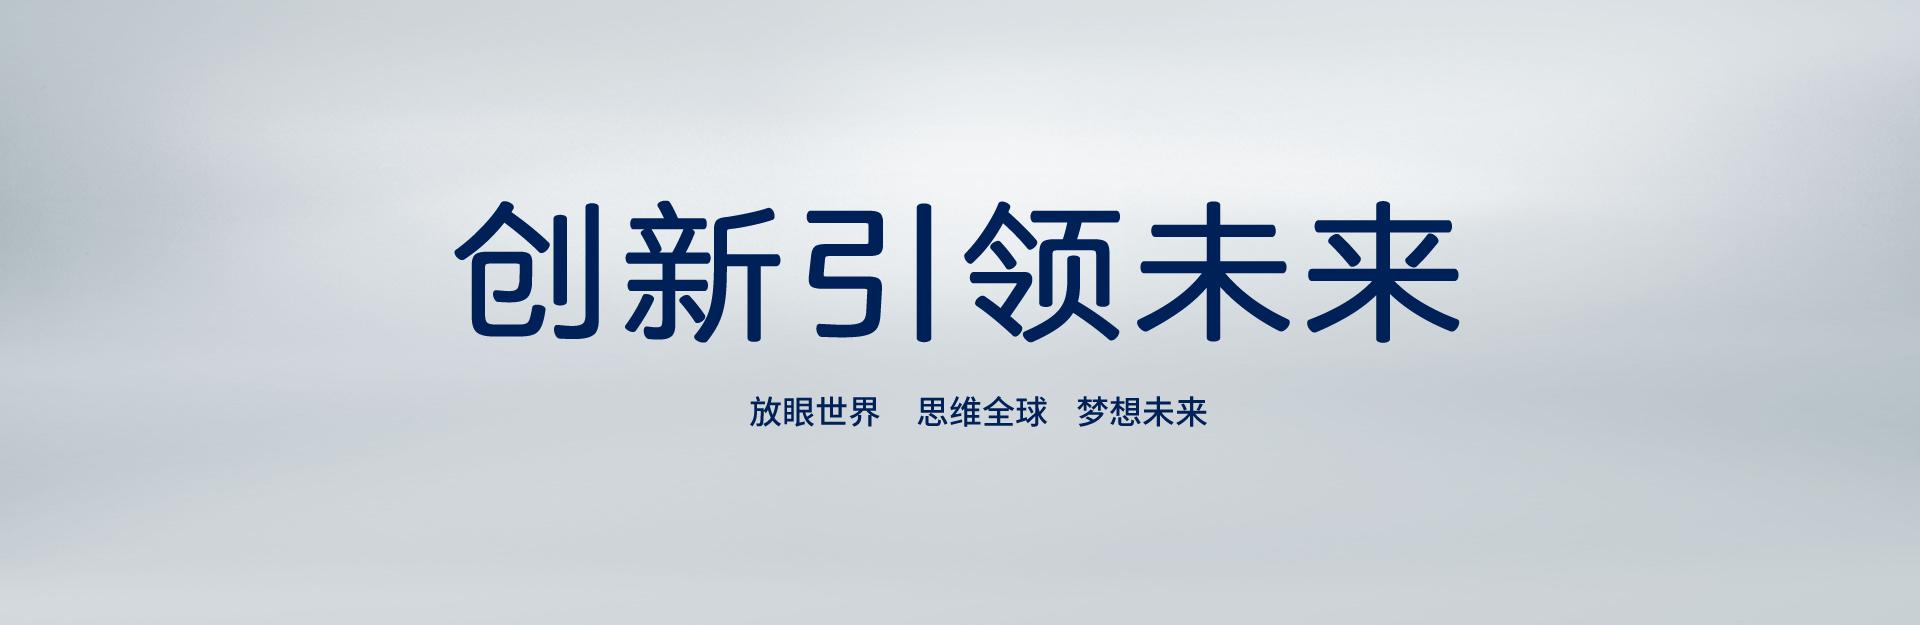 人民电器江西人民飞速直播篮球吧公司创新中心